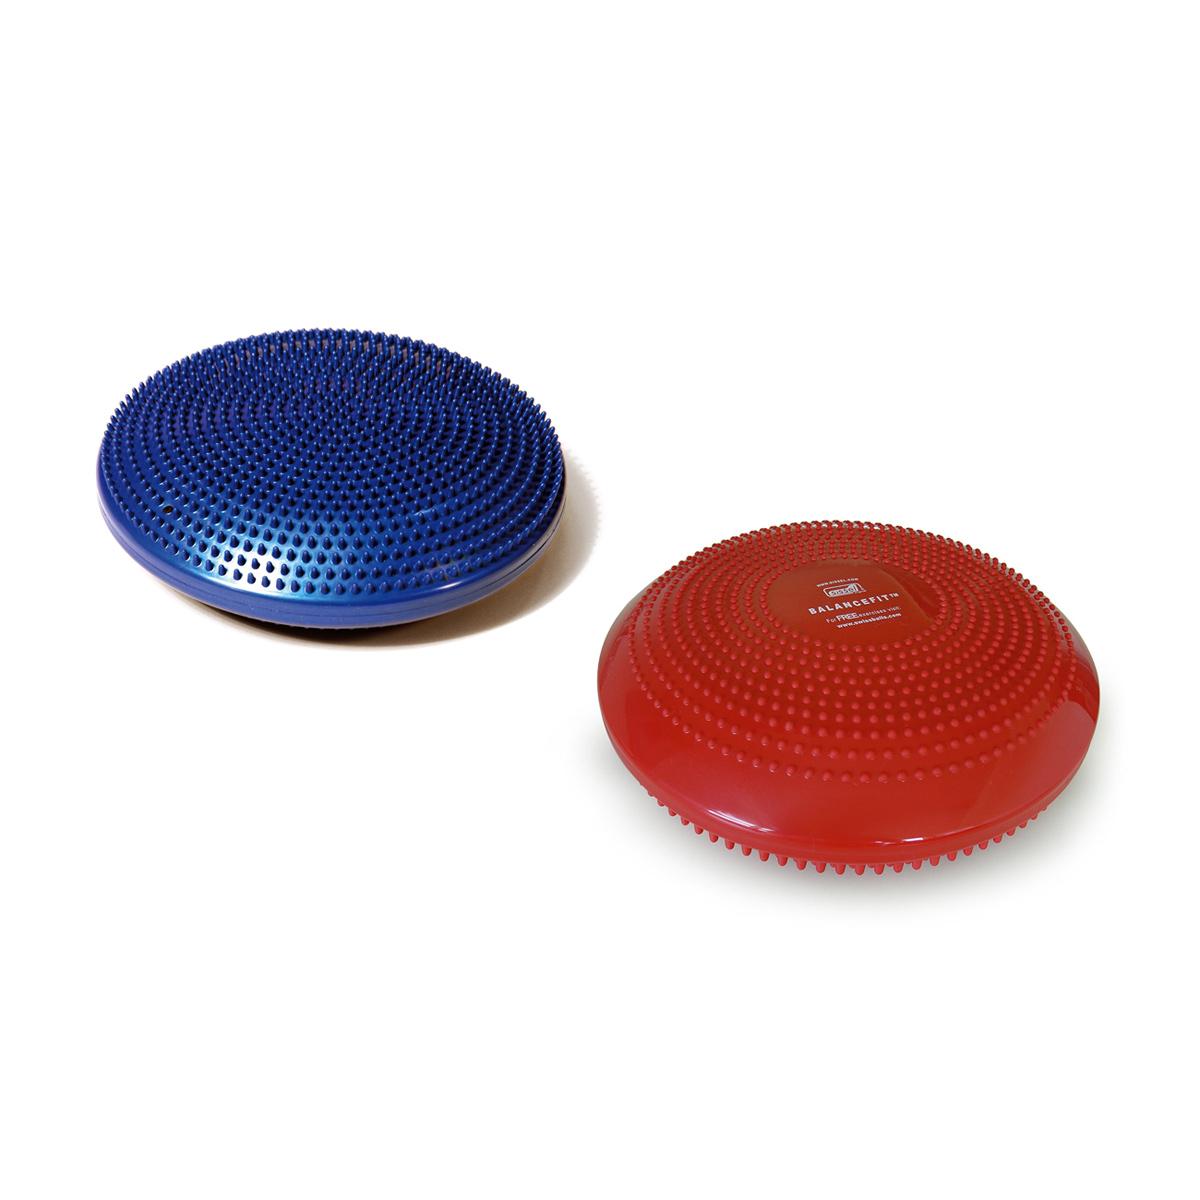 Disco A Cuscino D Aria.Cuscino Per Equilibrio Rotondo Balance Fit Trottola Terapeutica